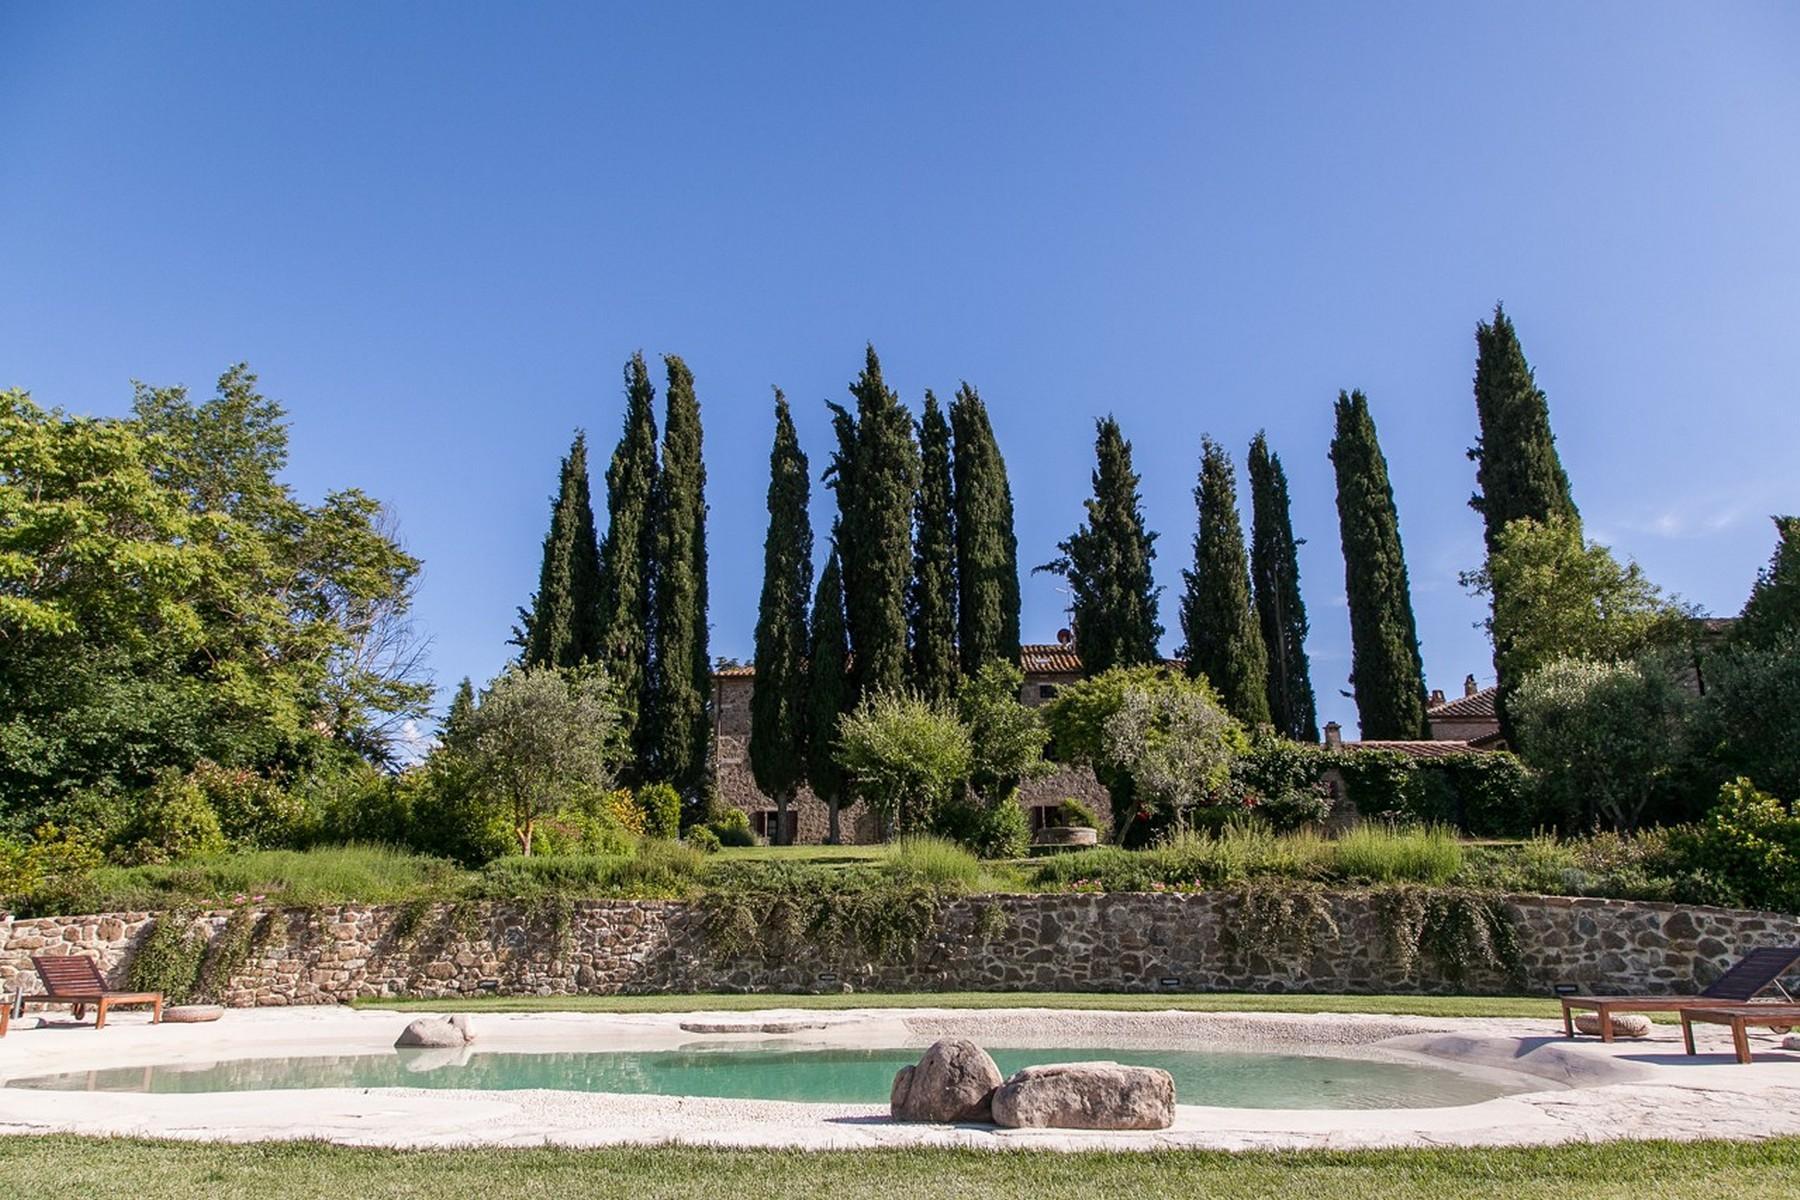 来自16世纪锡耶纳乡村优雅而古典的农舍 - 6